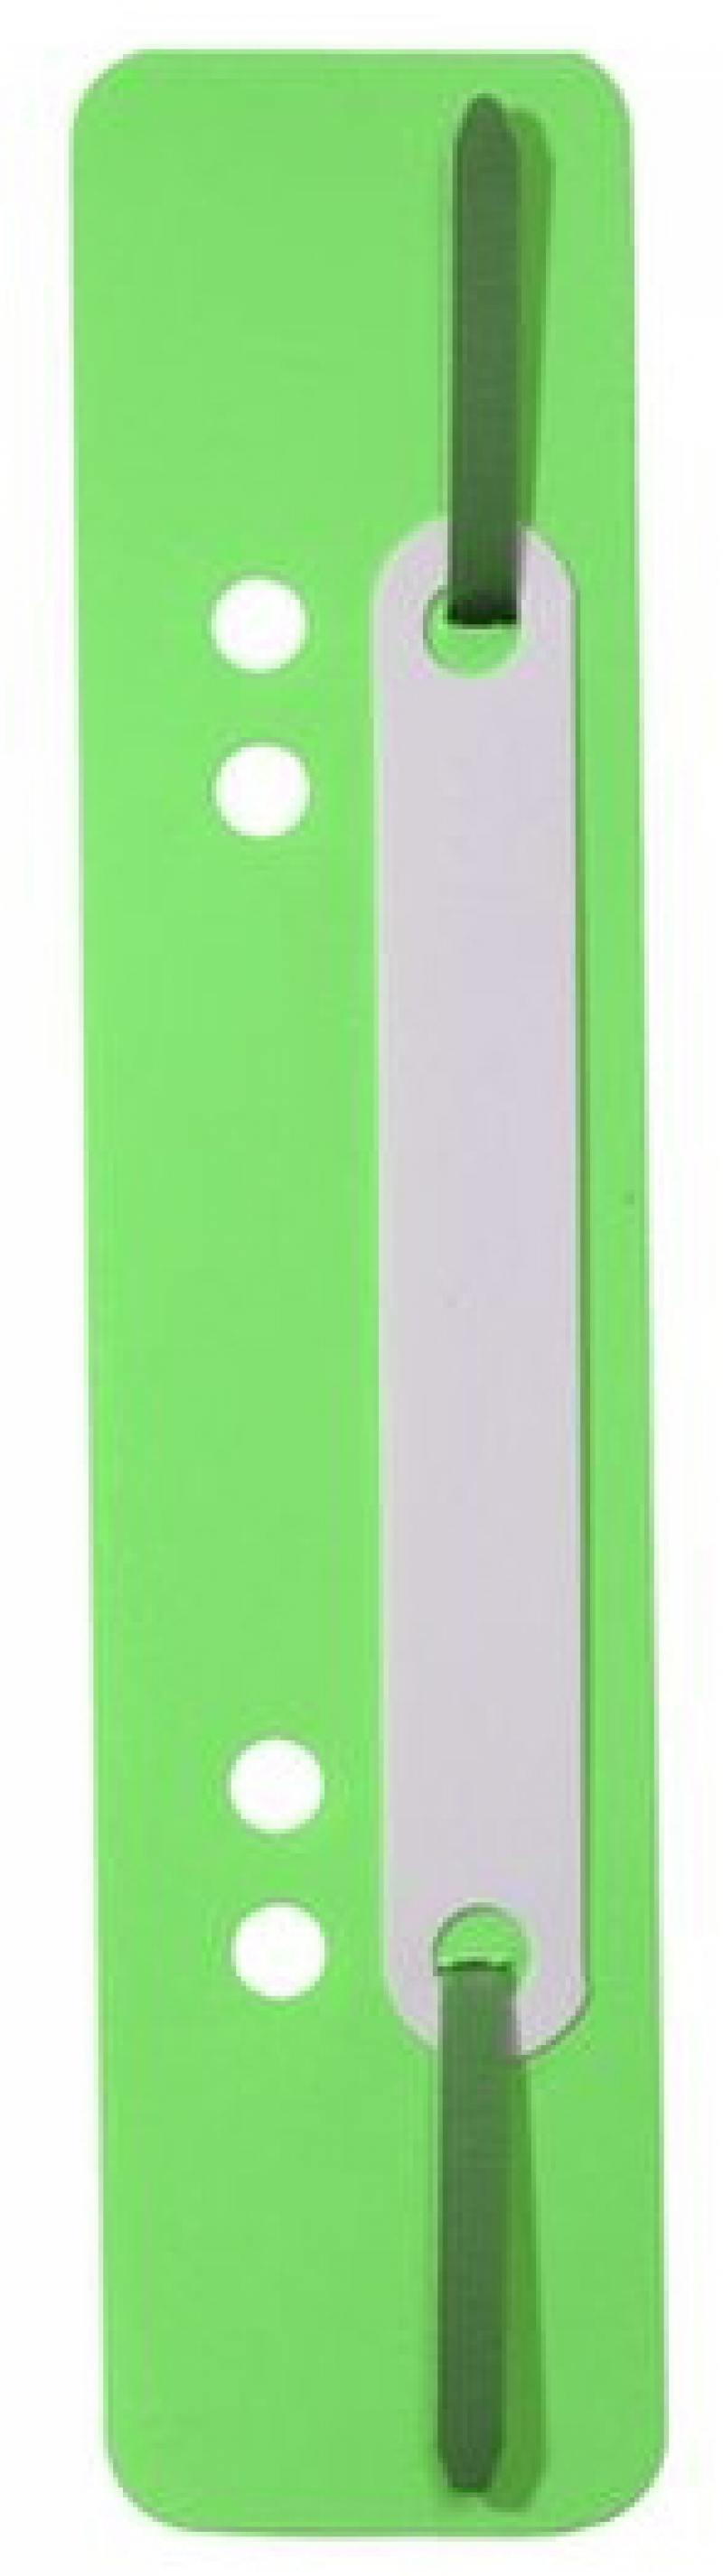 Скоросшиватель Durable вставка зеленый 250шт 690105